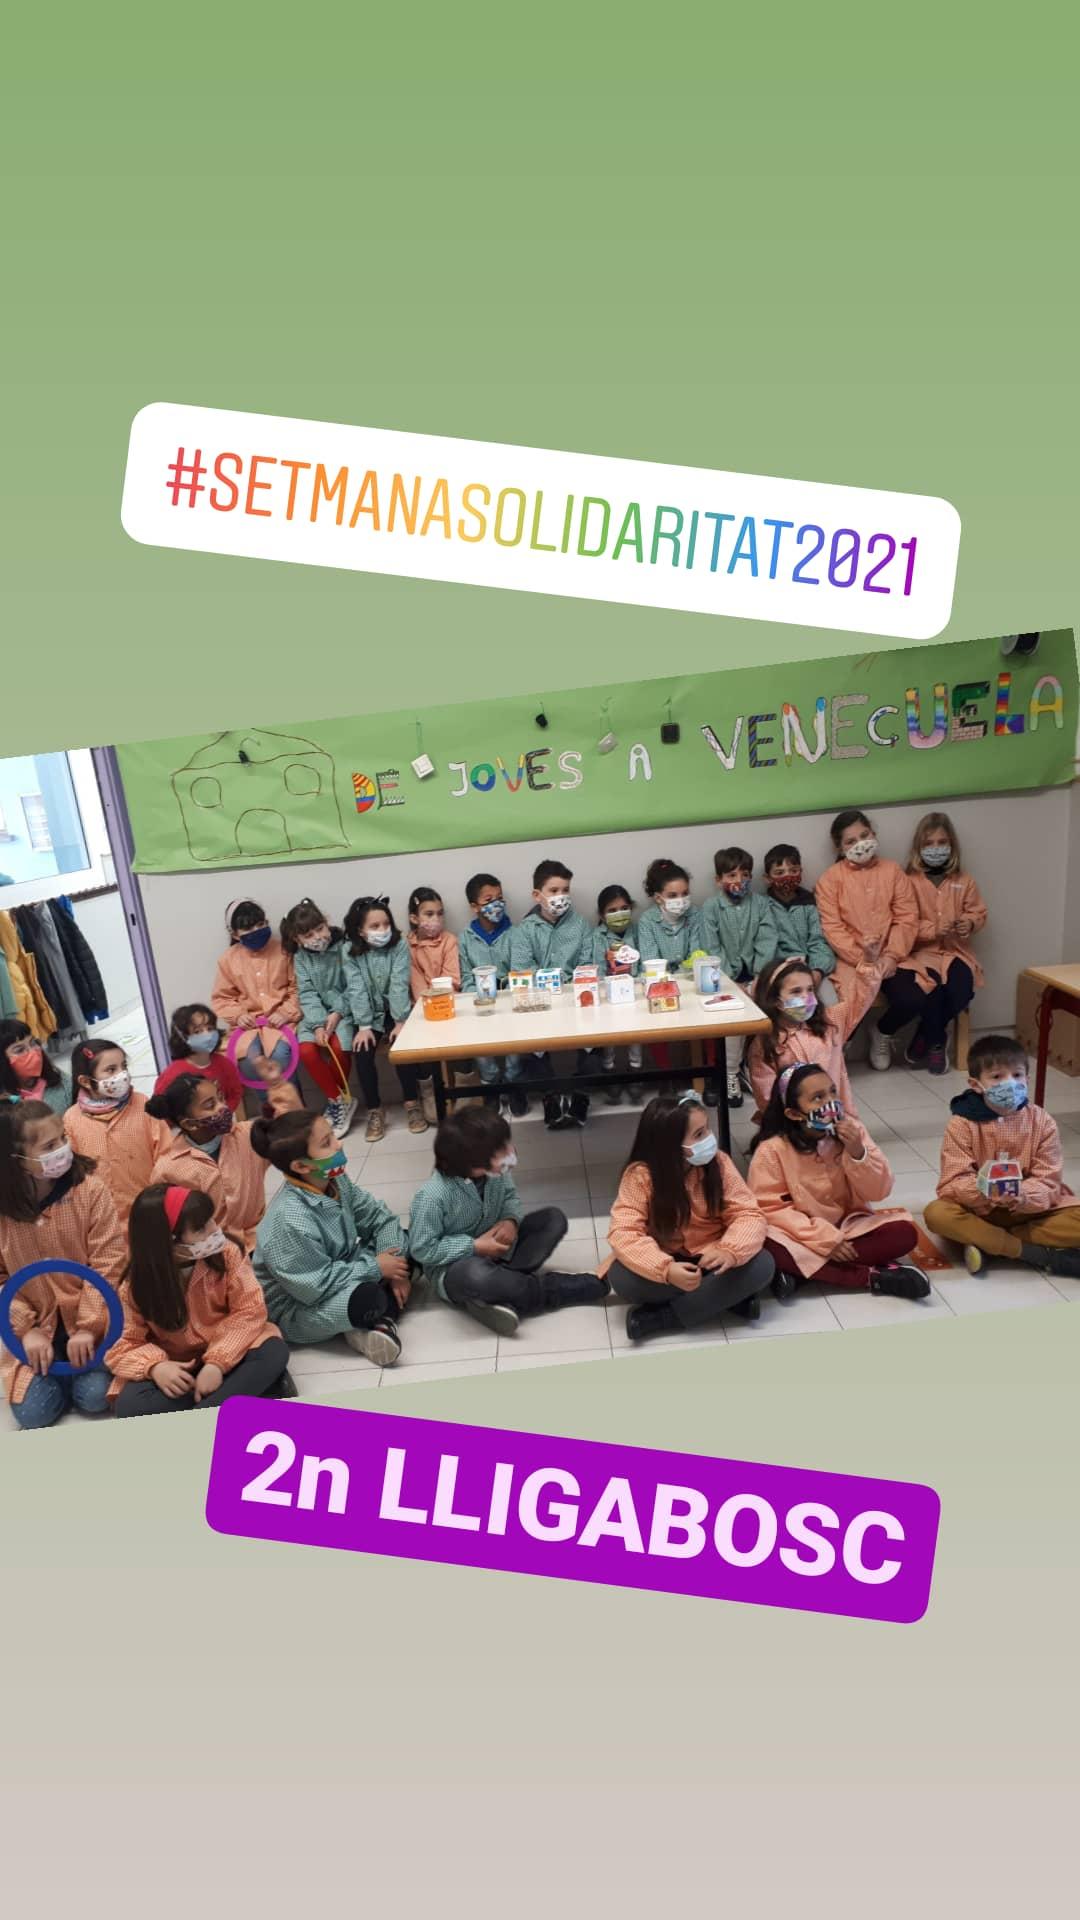 Setmana Solidaritat 2021